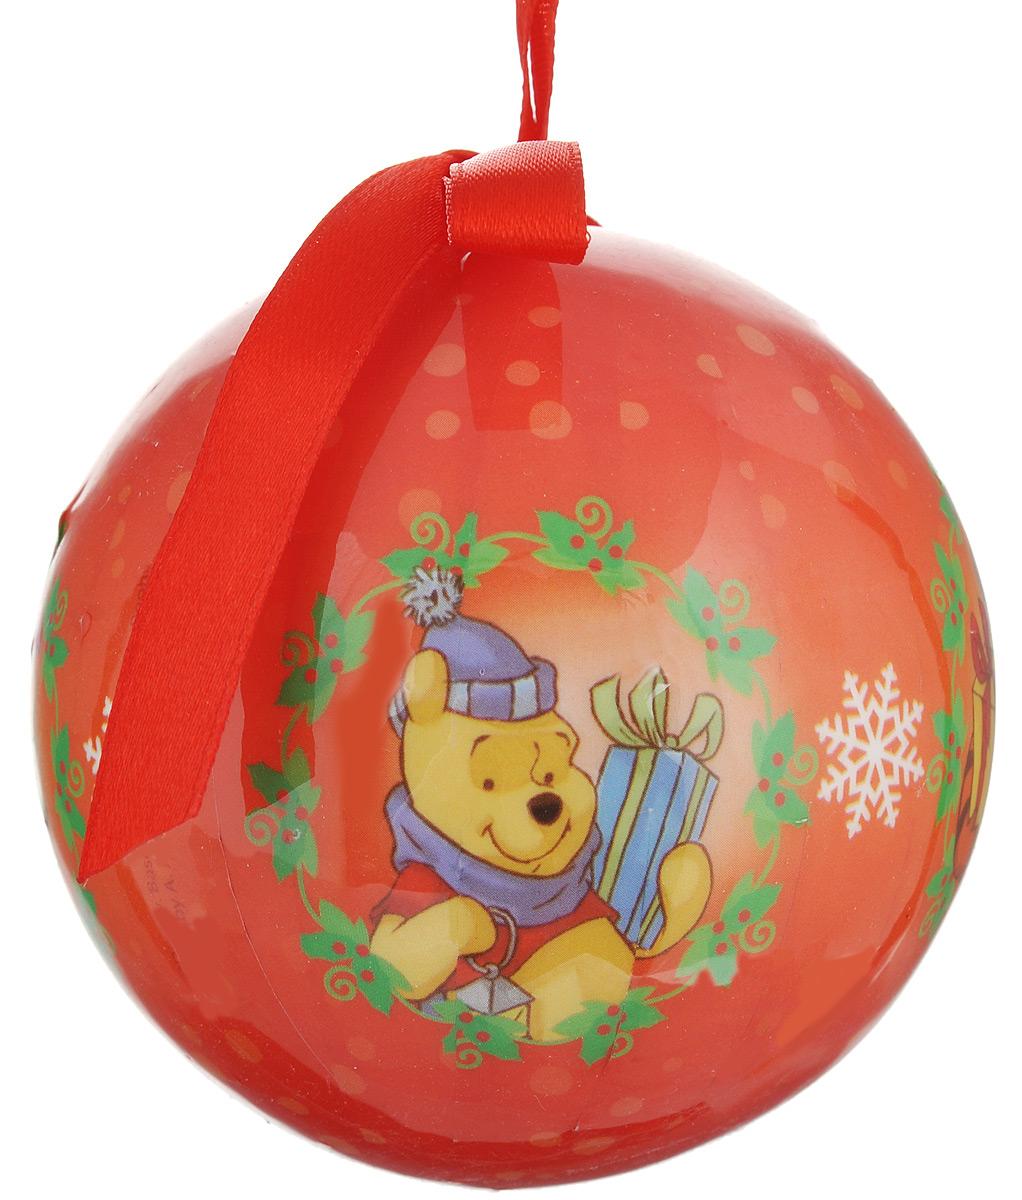 Новогоднее подвесное украшение Disney Винни и его друзья, цвет: оранжевый, диаметр 7,5 см66357_2Подвесное украшение Disney Винни и его друзья, выполненное из пенопласта, прекрасно подойдет для праздничного декора вашей ели. Оригинальное новогоднее украшение в виде шара оформлено ярким рисунком. С помощью специальной текстильной петельки его можно повесить в любом понравившемся вам месте. Но удачнее всего такая игрушка будет смотреться на праздничной елке. Елочная игрушка - символ Нового года и Рождества. Она несет в себе волшебство и красоту праздника. Создайте в своем доме атмосферу веселья и радости, украшая новогоднюю елку нарядными игрушками, которые будут из года в год накапливать теплоту воспоминаний.